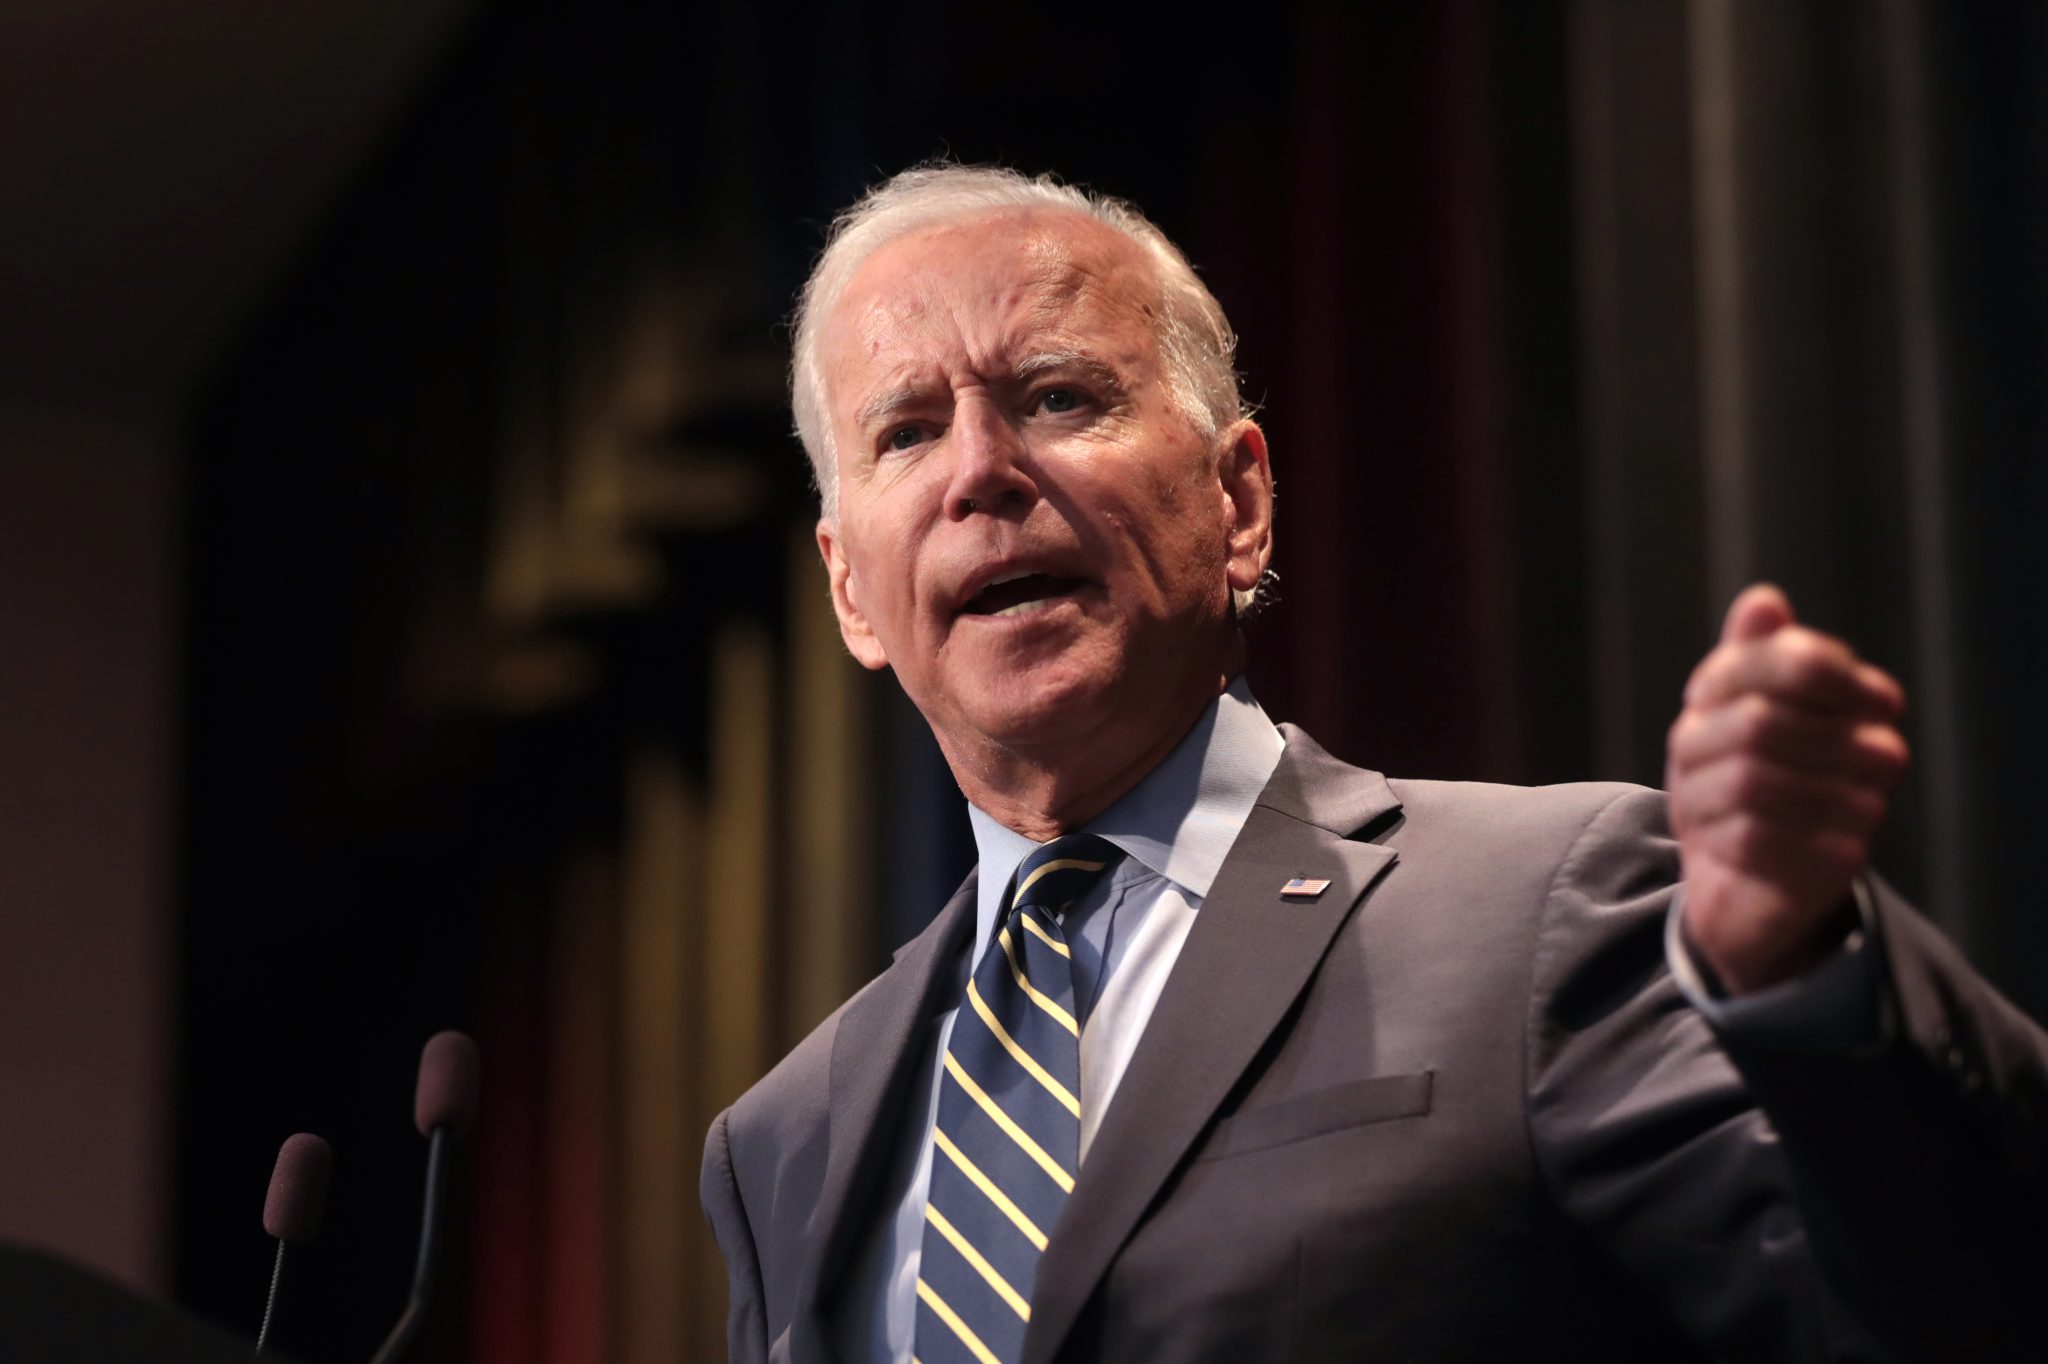 Joe Biden in Nashville, Tennessee, Oct. 22, 2020, illustrating piece on Biden's call for unity (NumenaStudios/Shutterstock.com) spectator.org